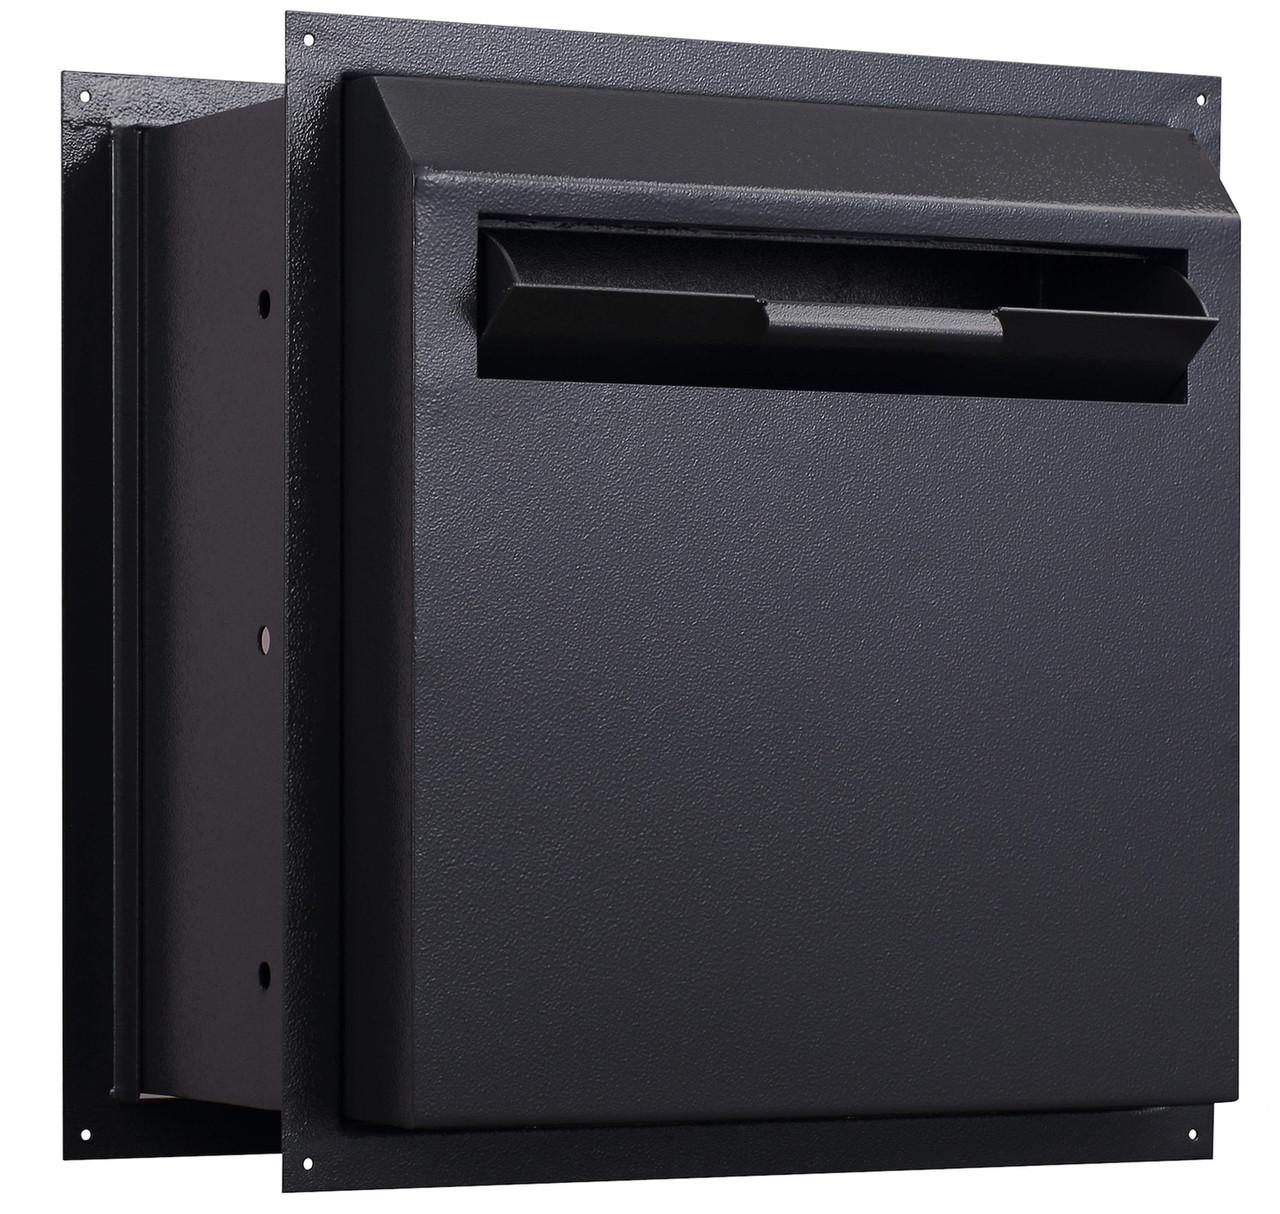 Through the Wall Drop Box black with drop door open